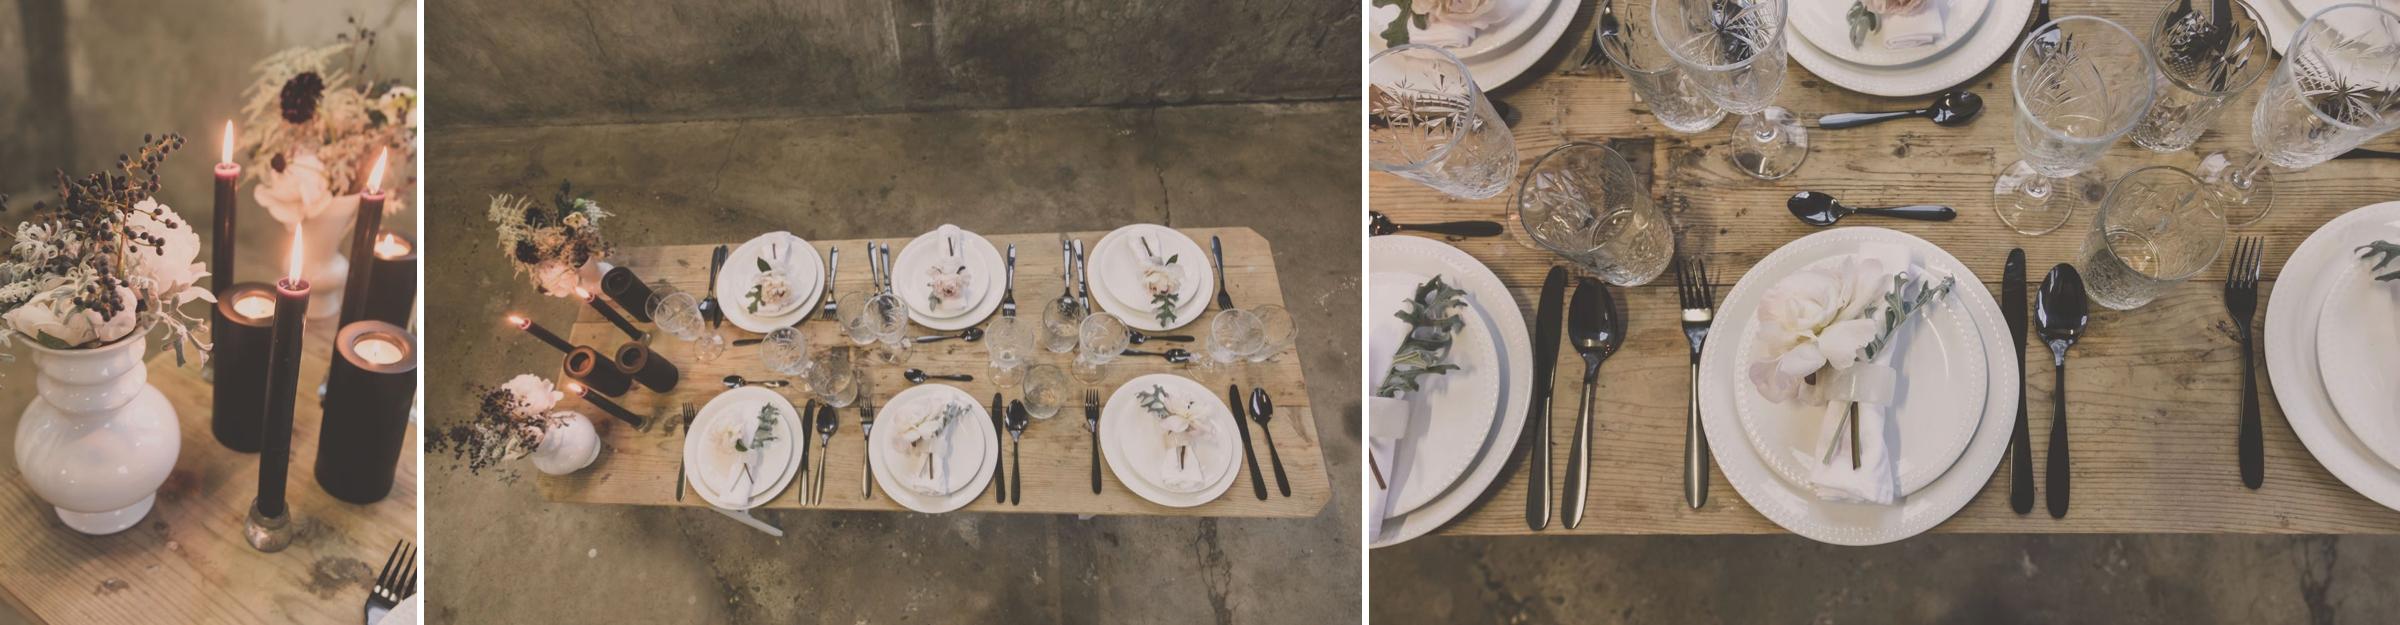 aankleding tafel, decoratie diner bruiloft